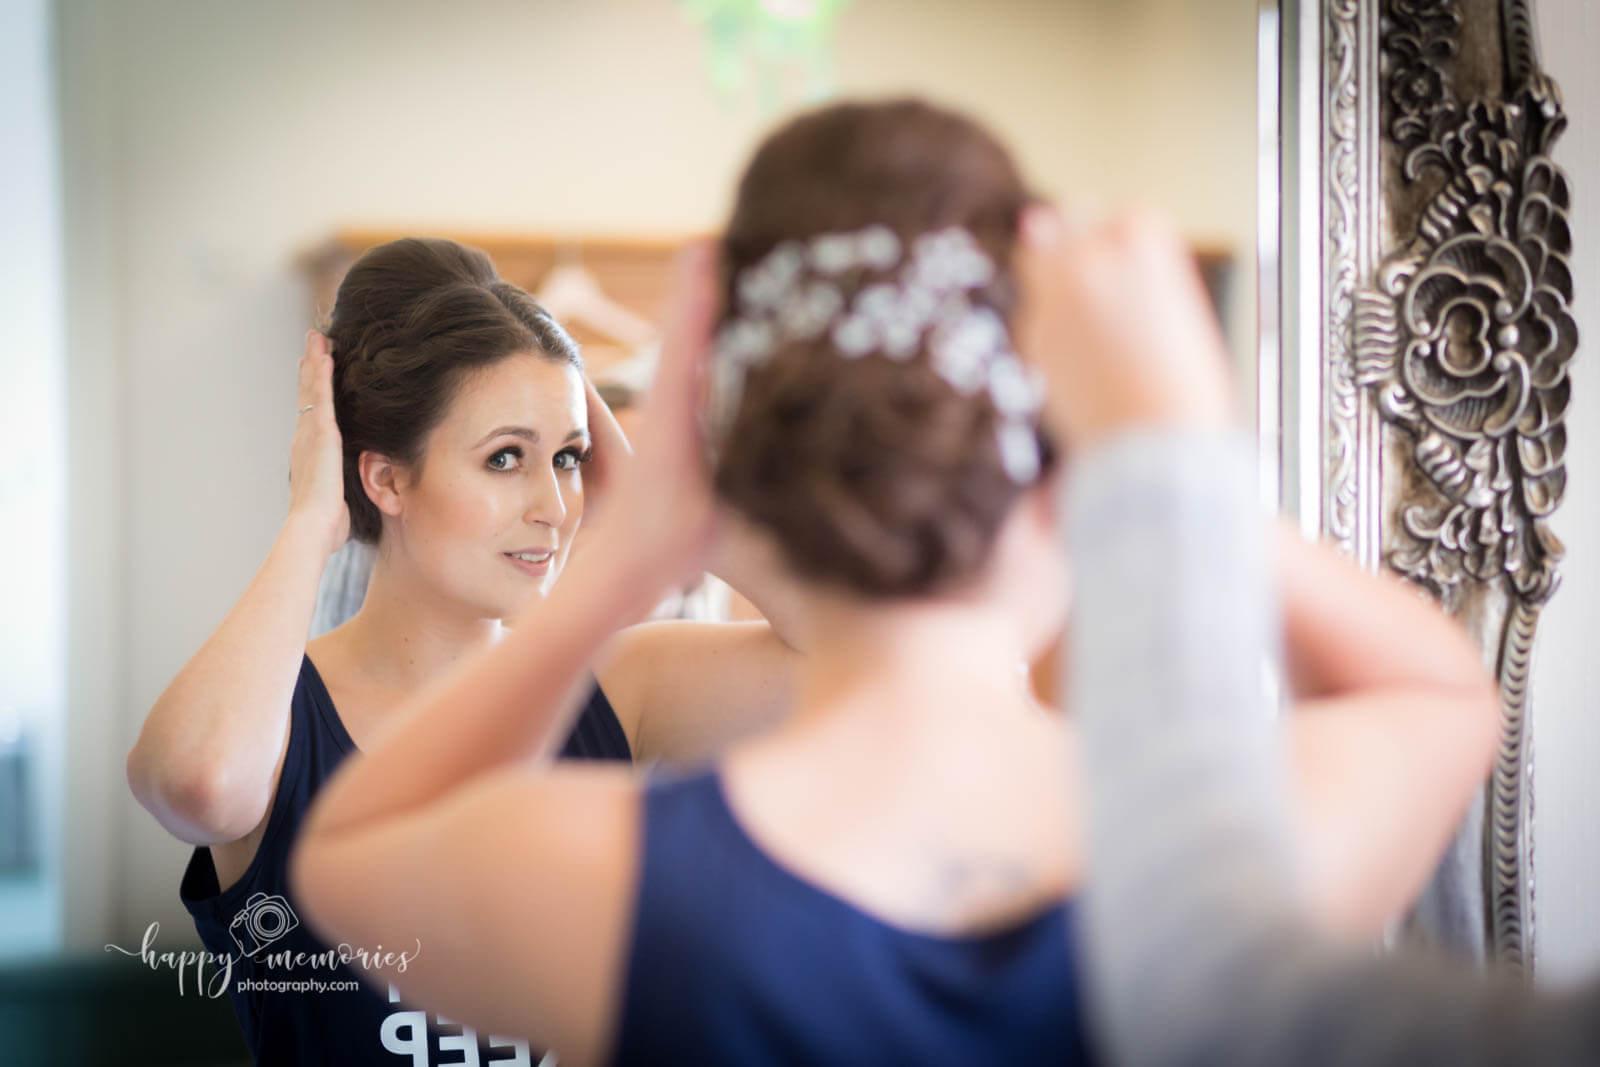 Wedding photographer Crawley-15